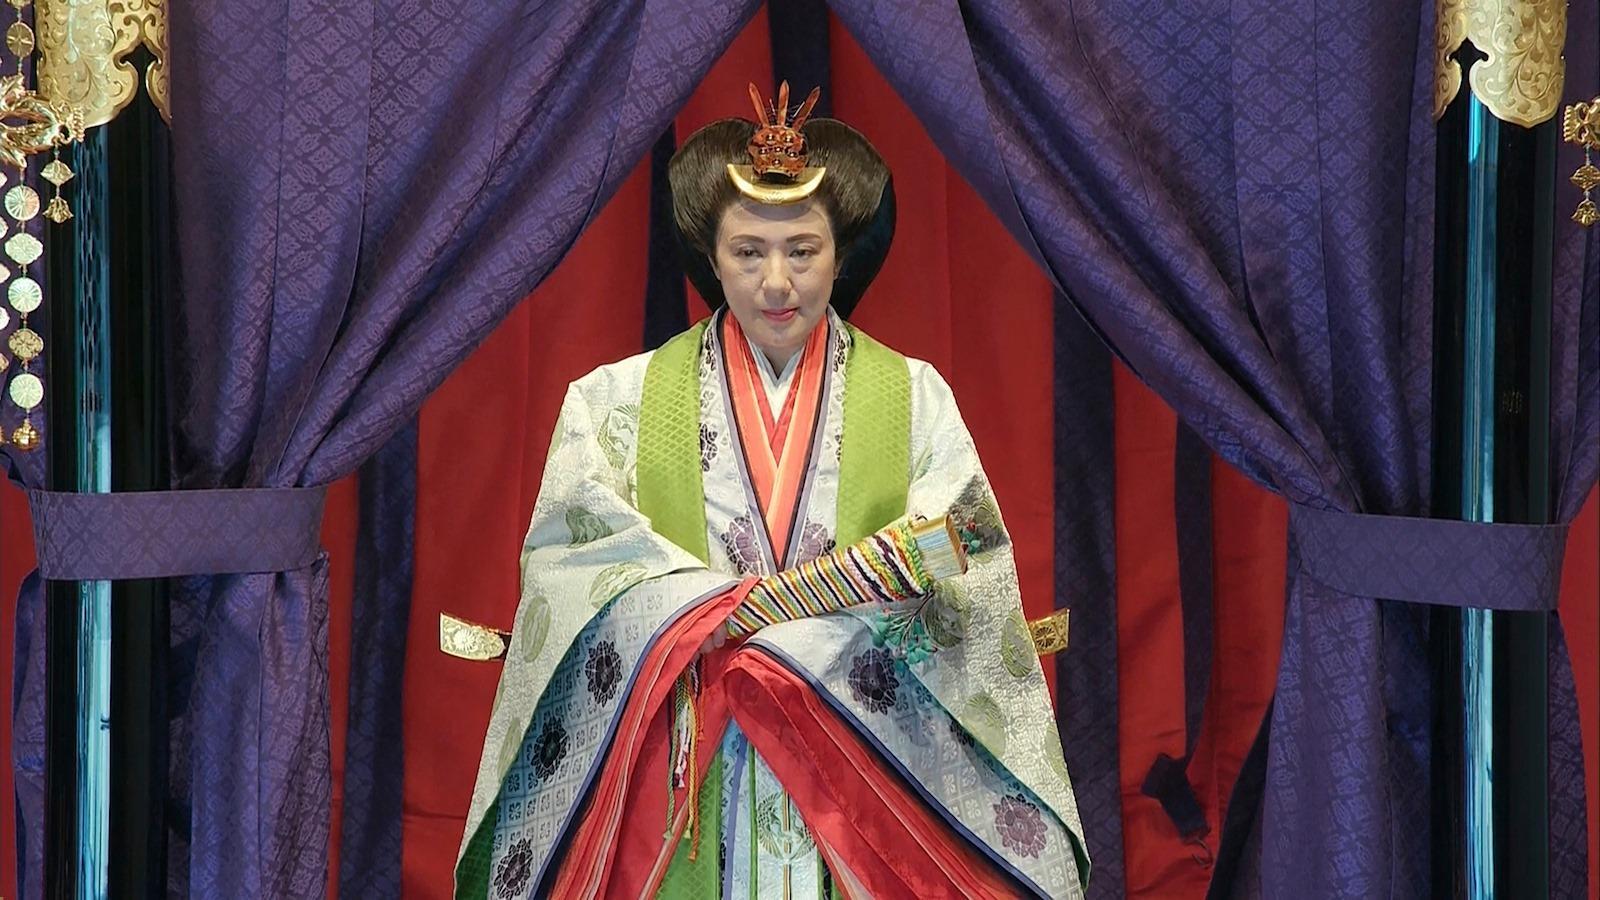 海外「雅子様はとても美しい\u2026!」即位礼正殿の儀で十二単を着